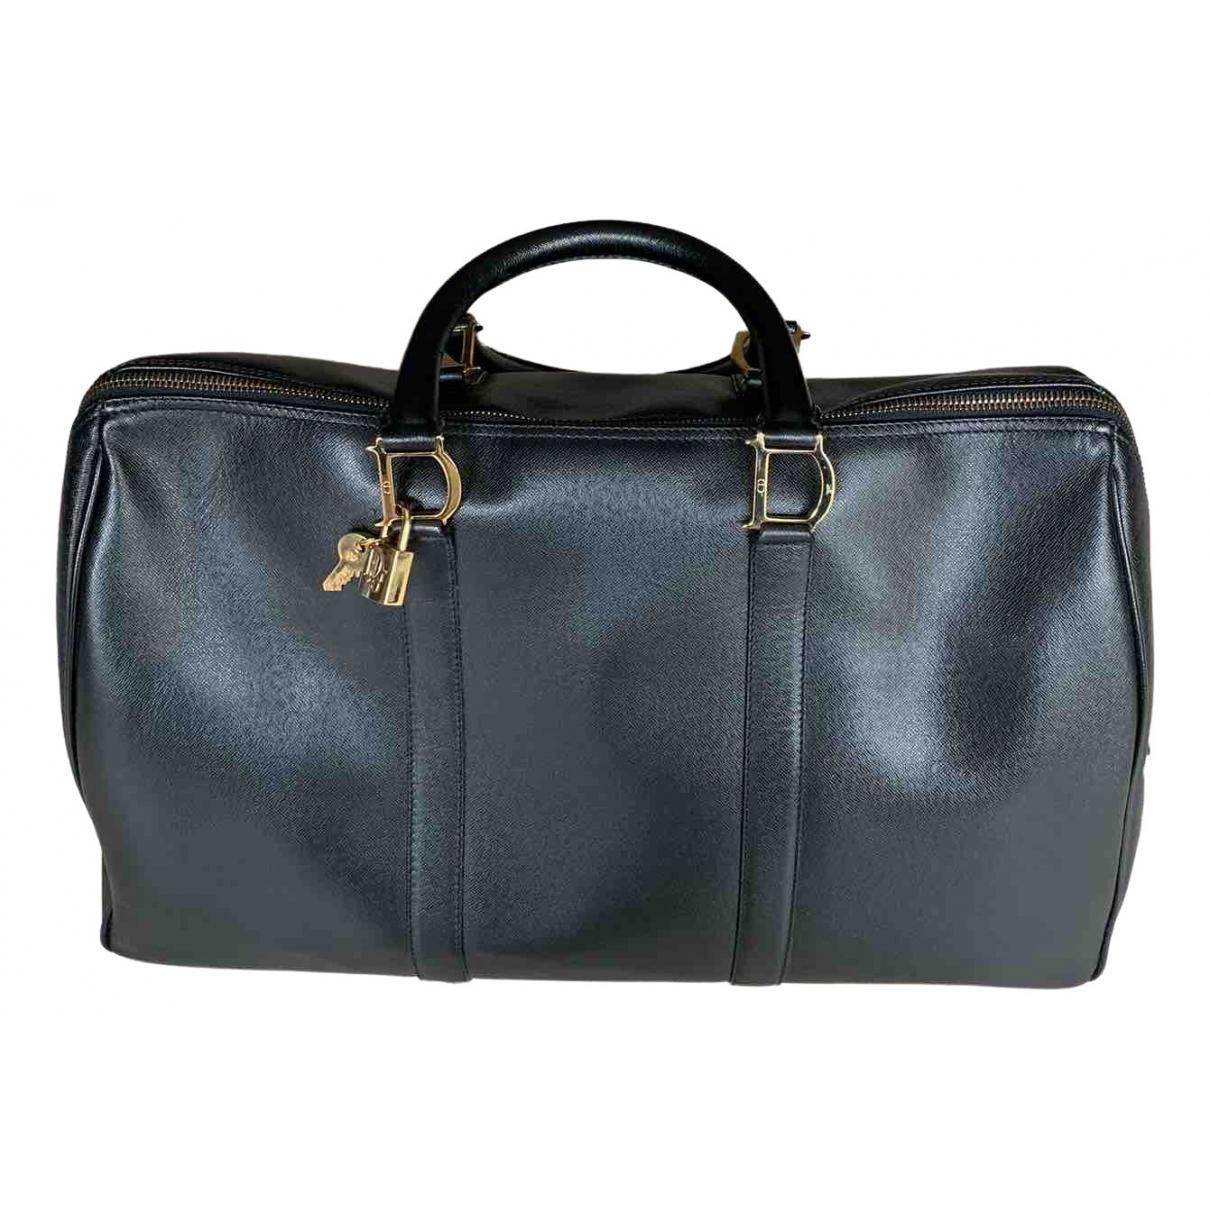 Dior - Sac de voyage   pour femme en cuir - noir